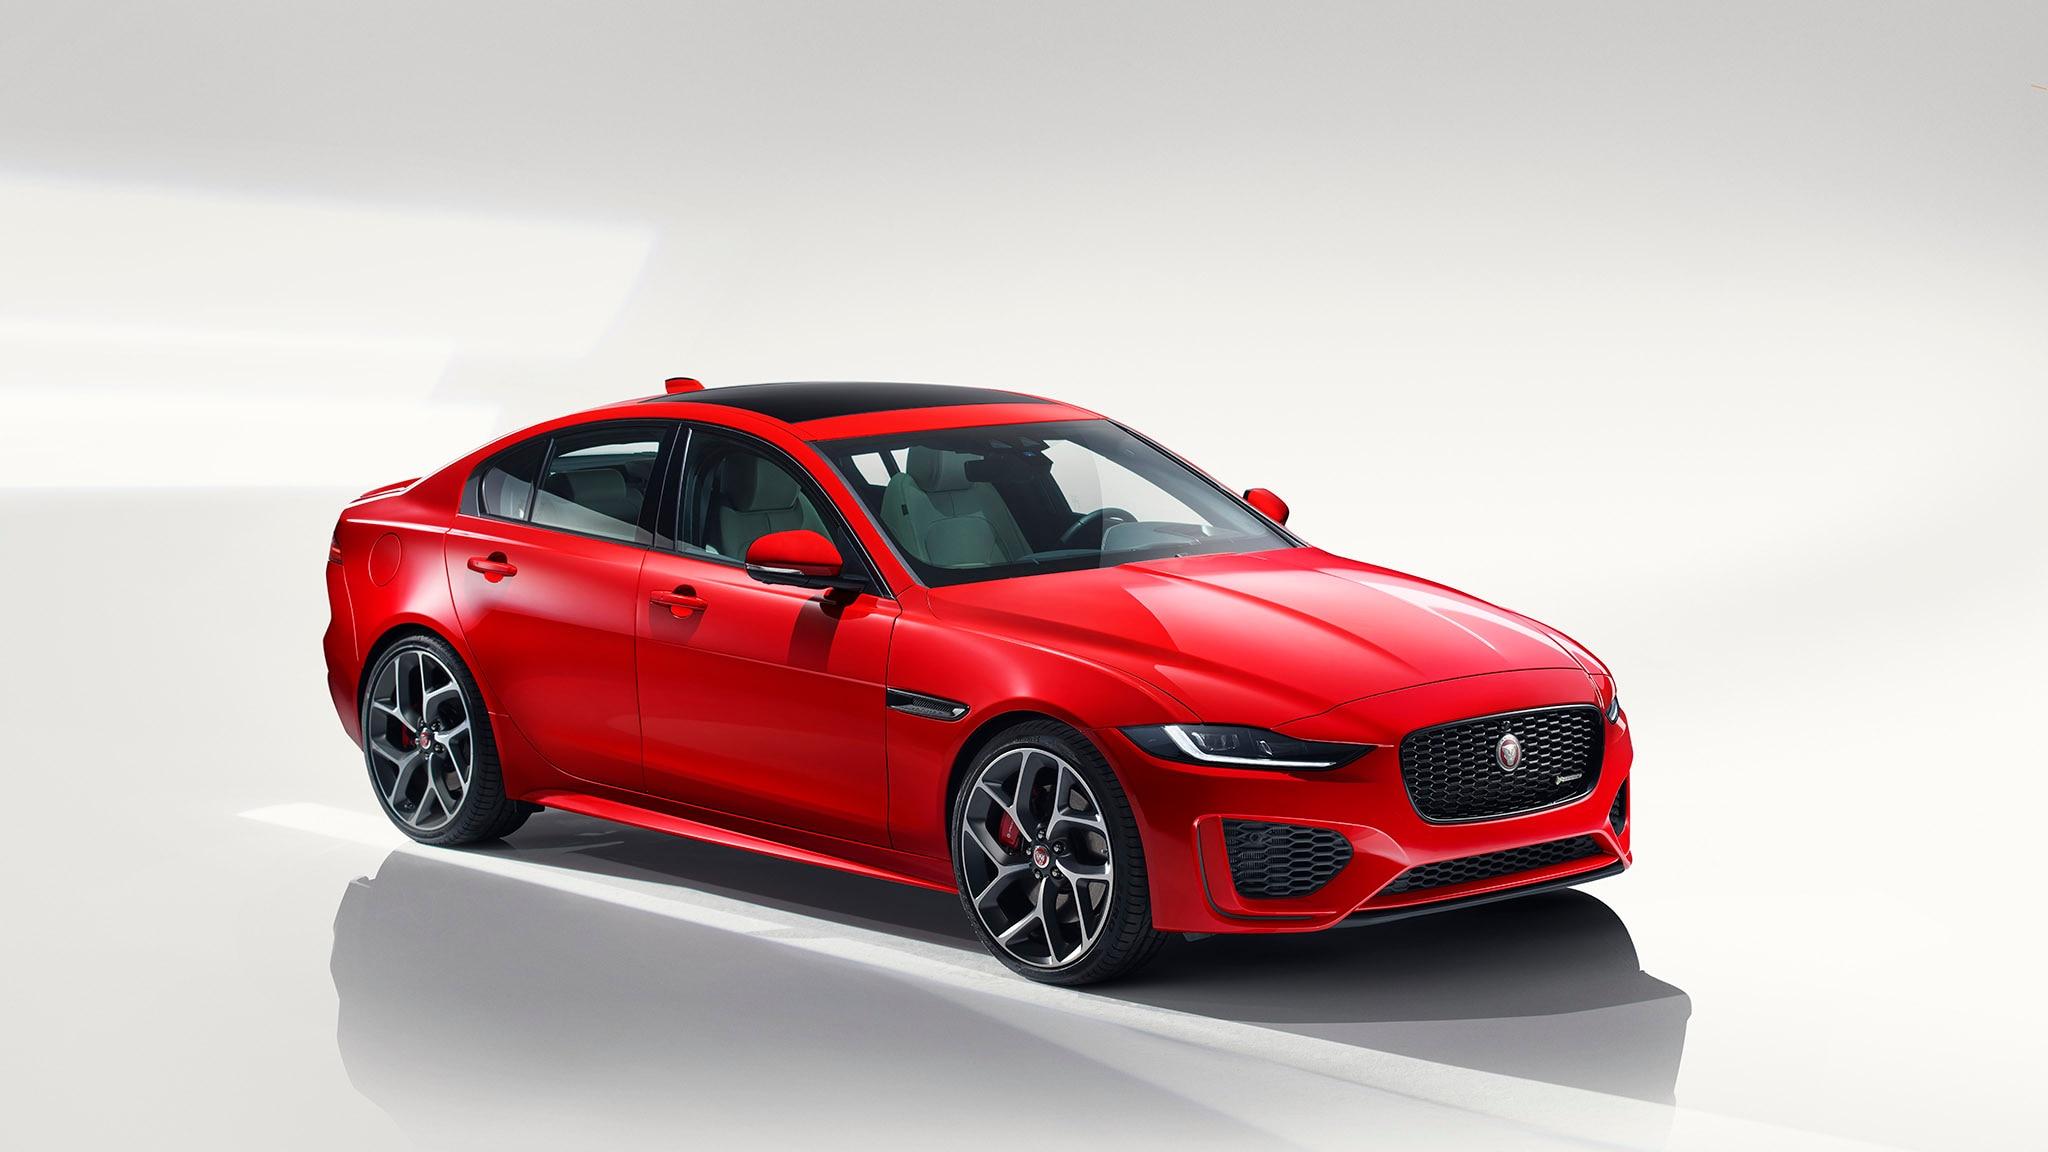 2020 Jaguar XE Revealed, Facelifted Model Drops V6 Engine